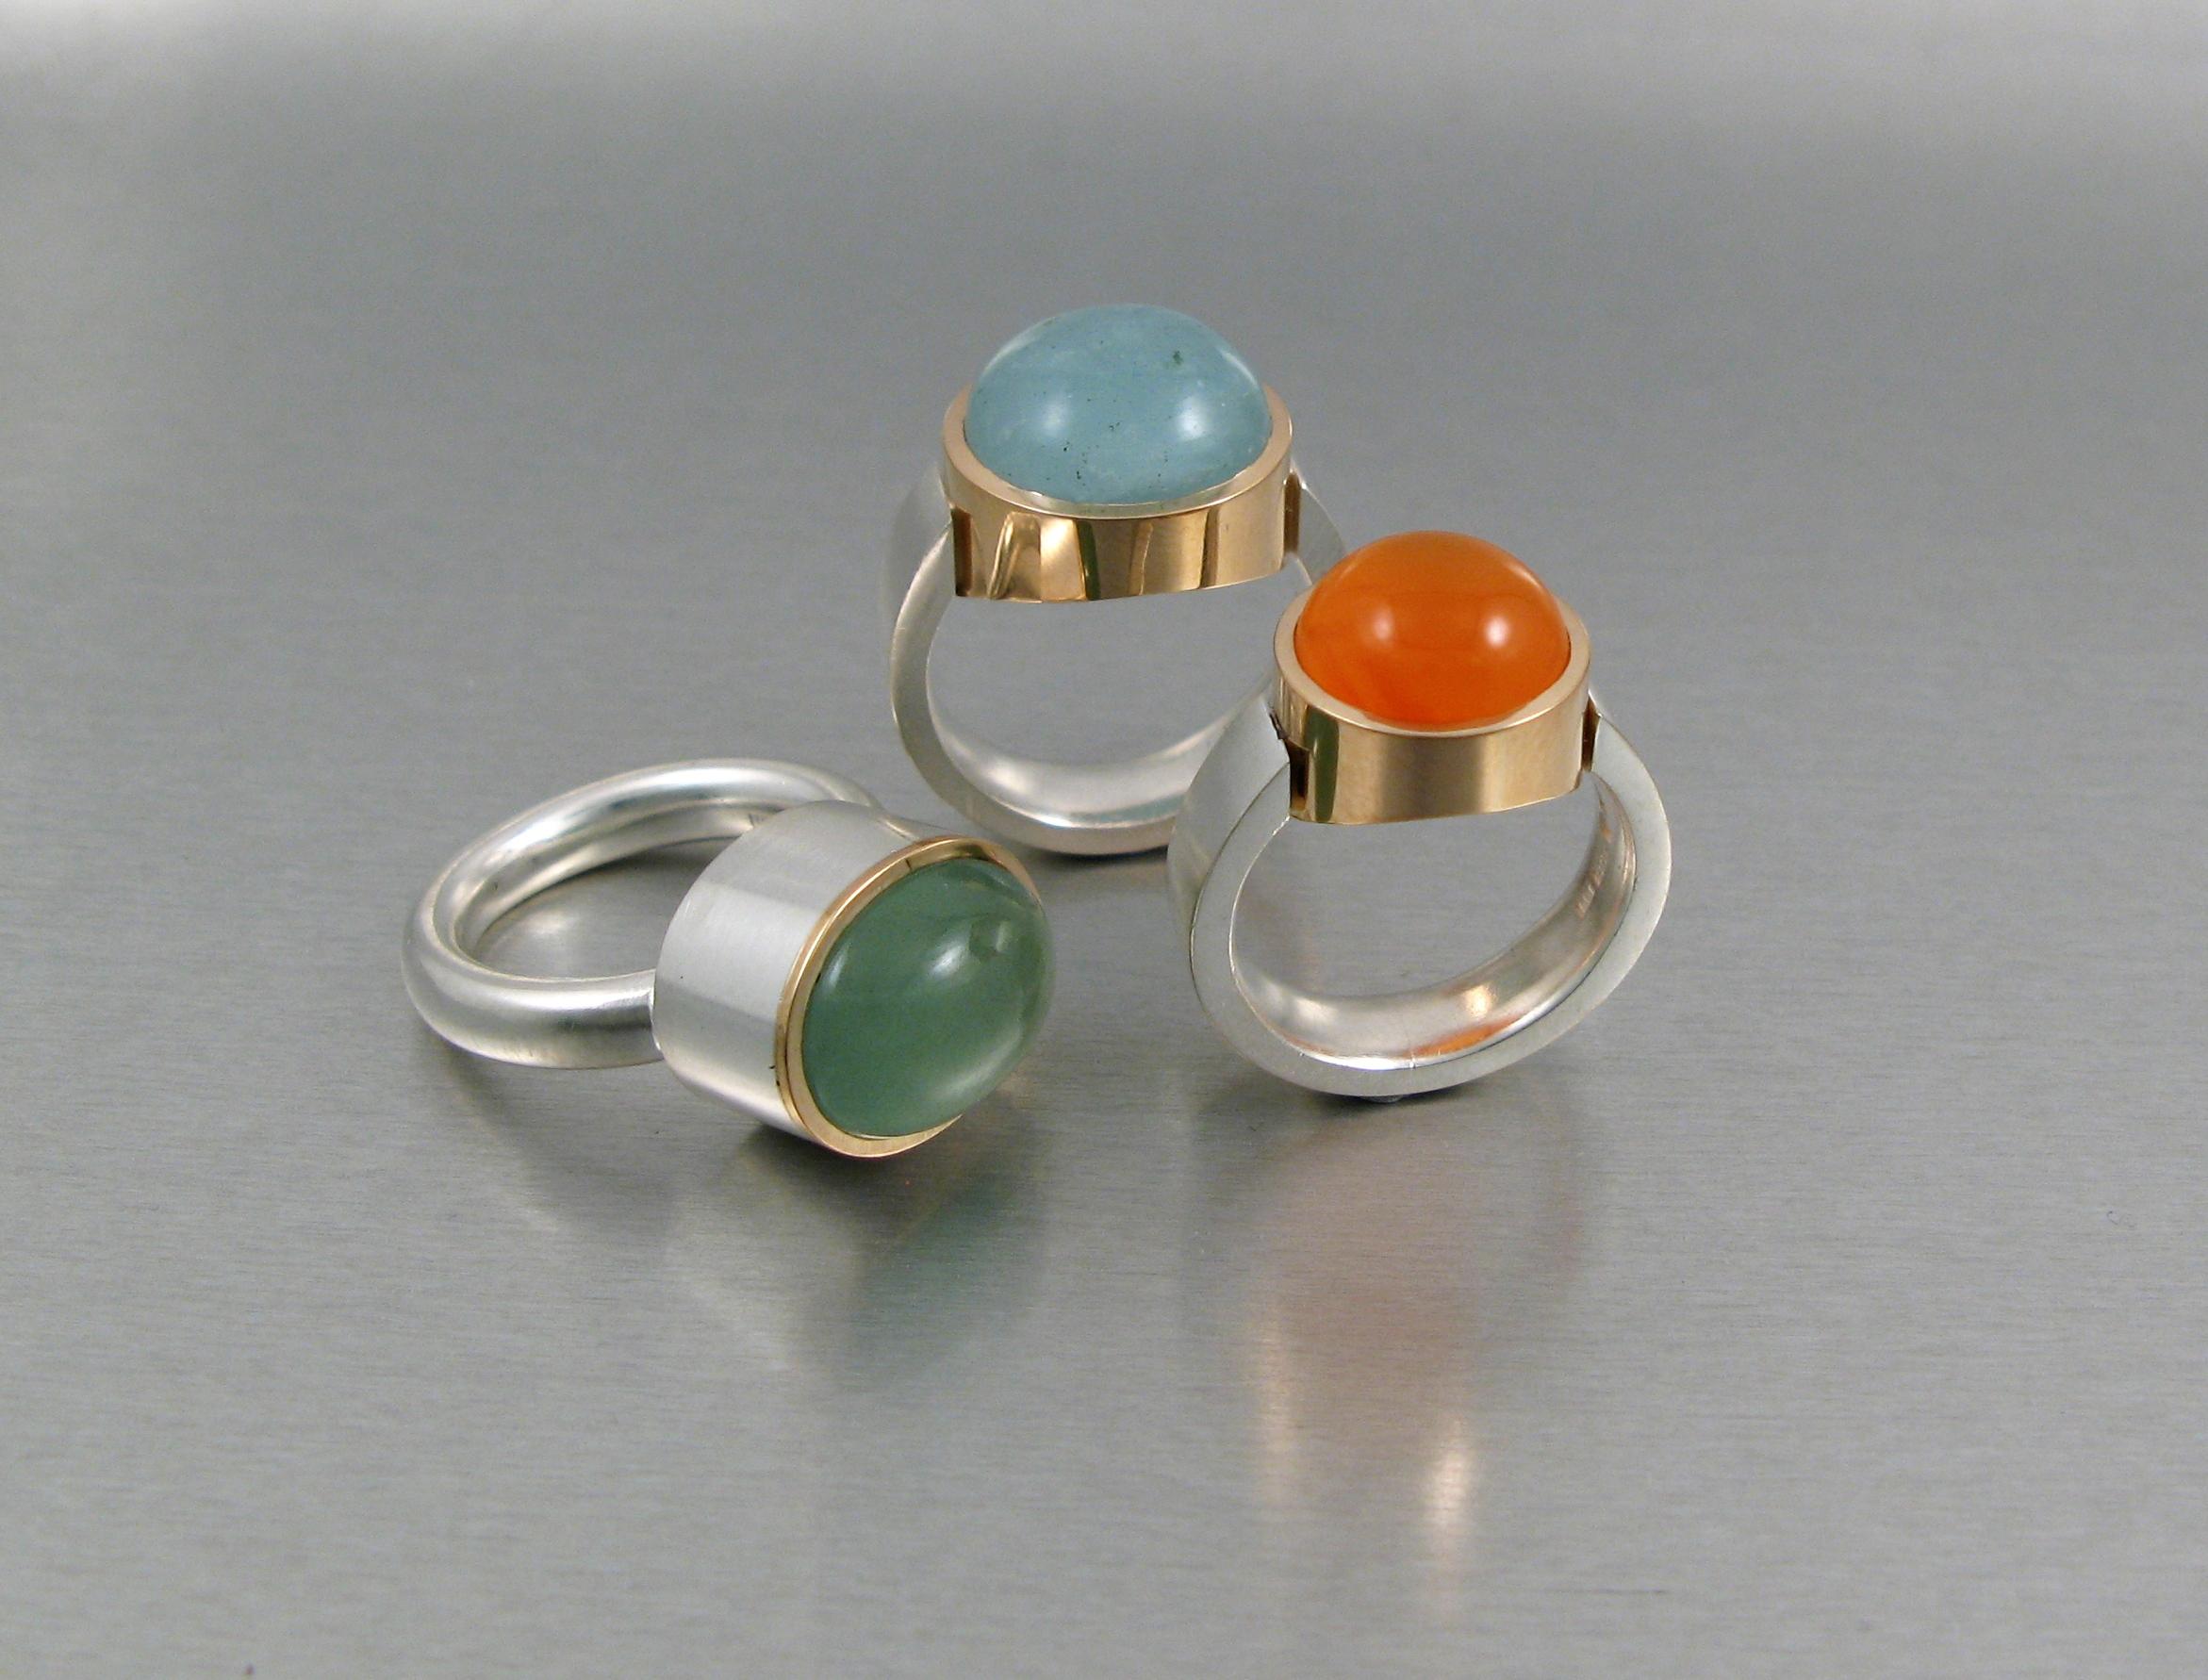 Ringar, silver, guld, akvamariner och karneol